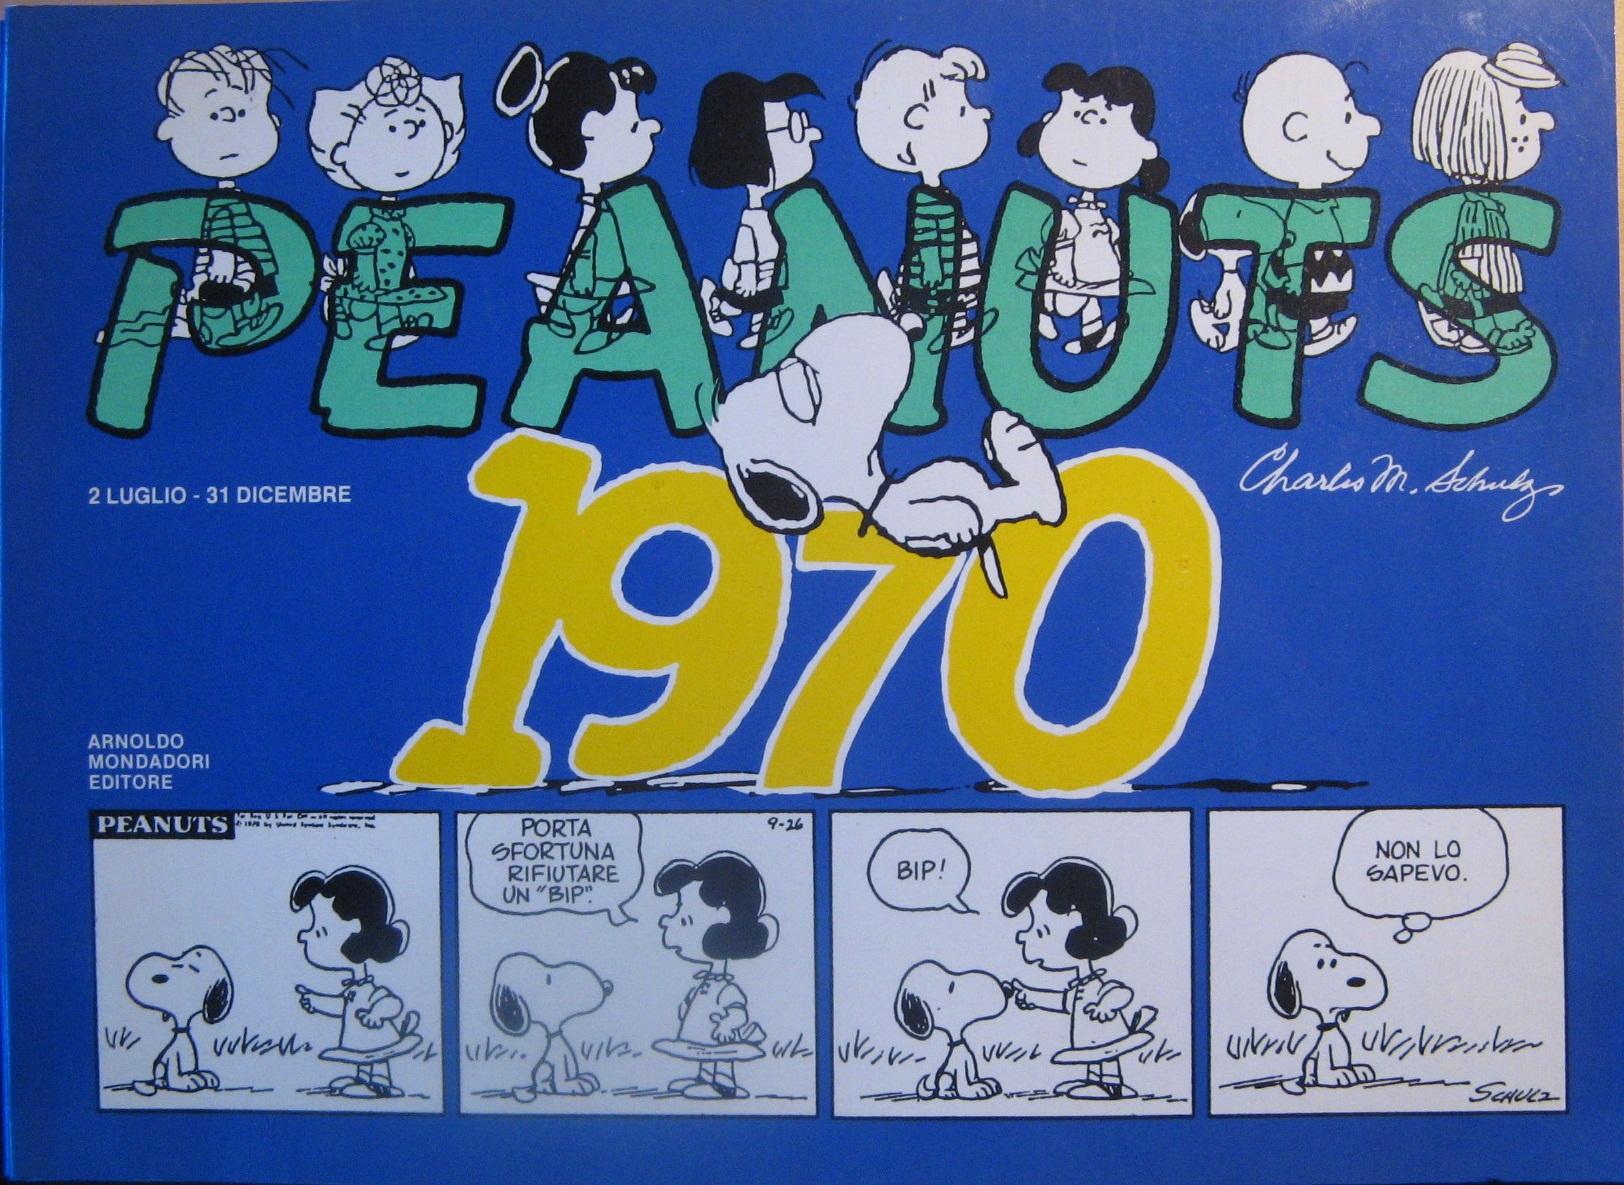 Peanuts 1970